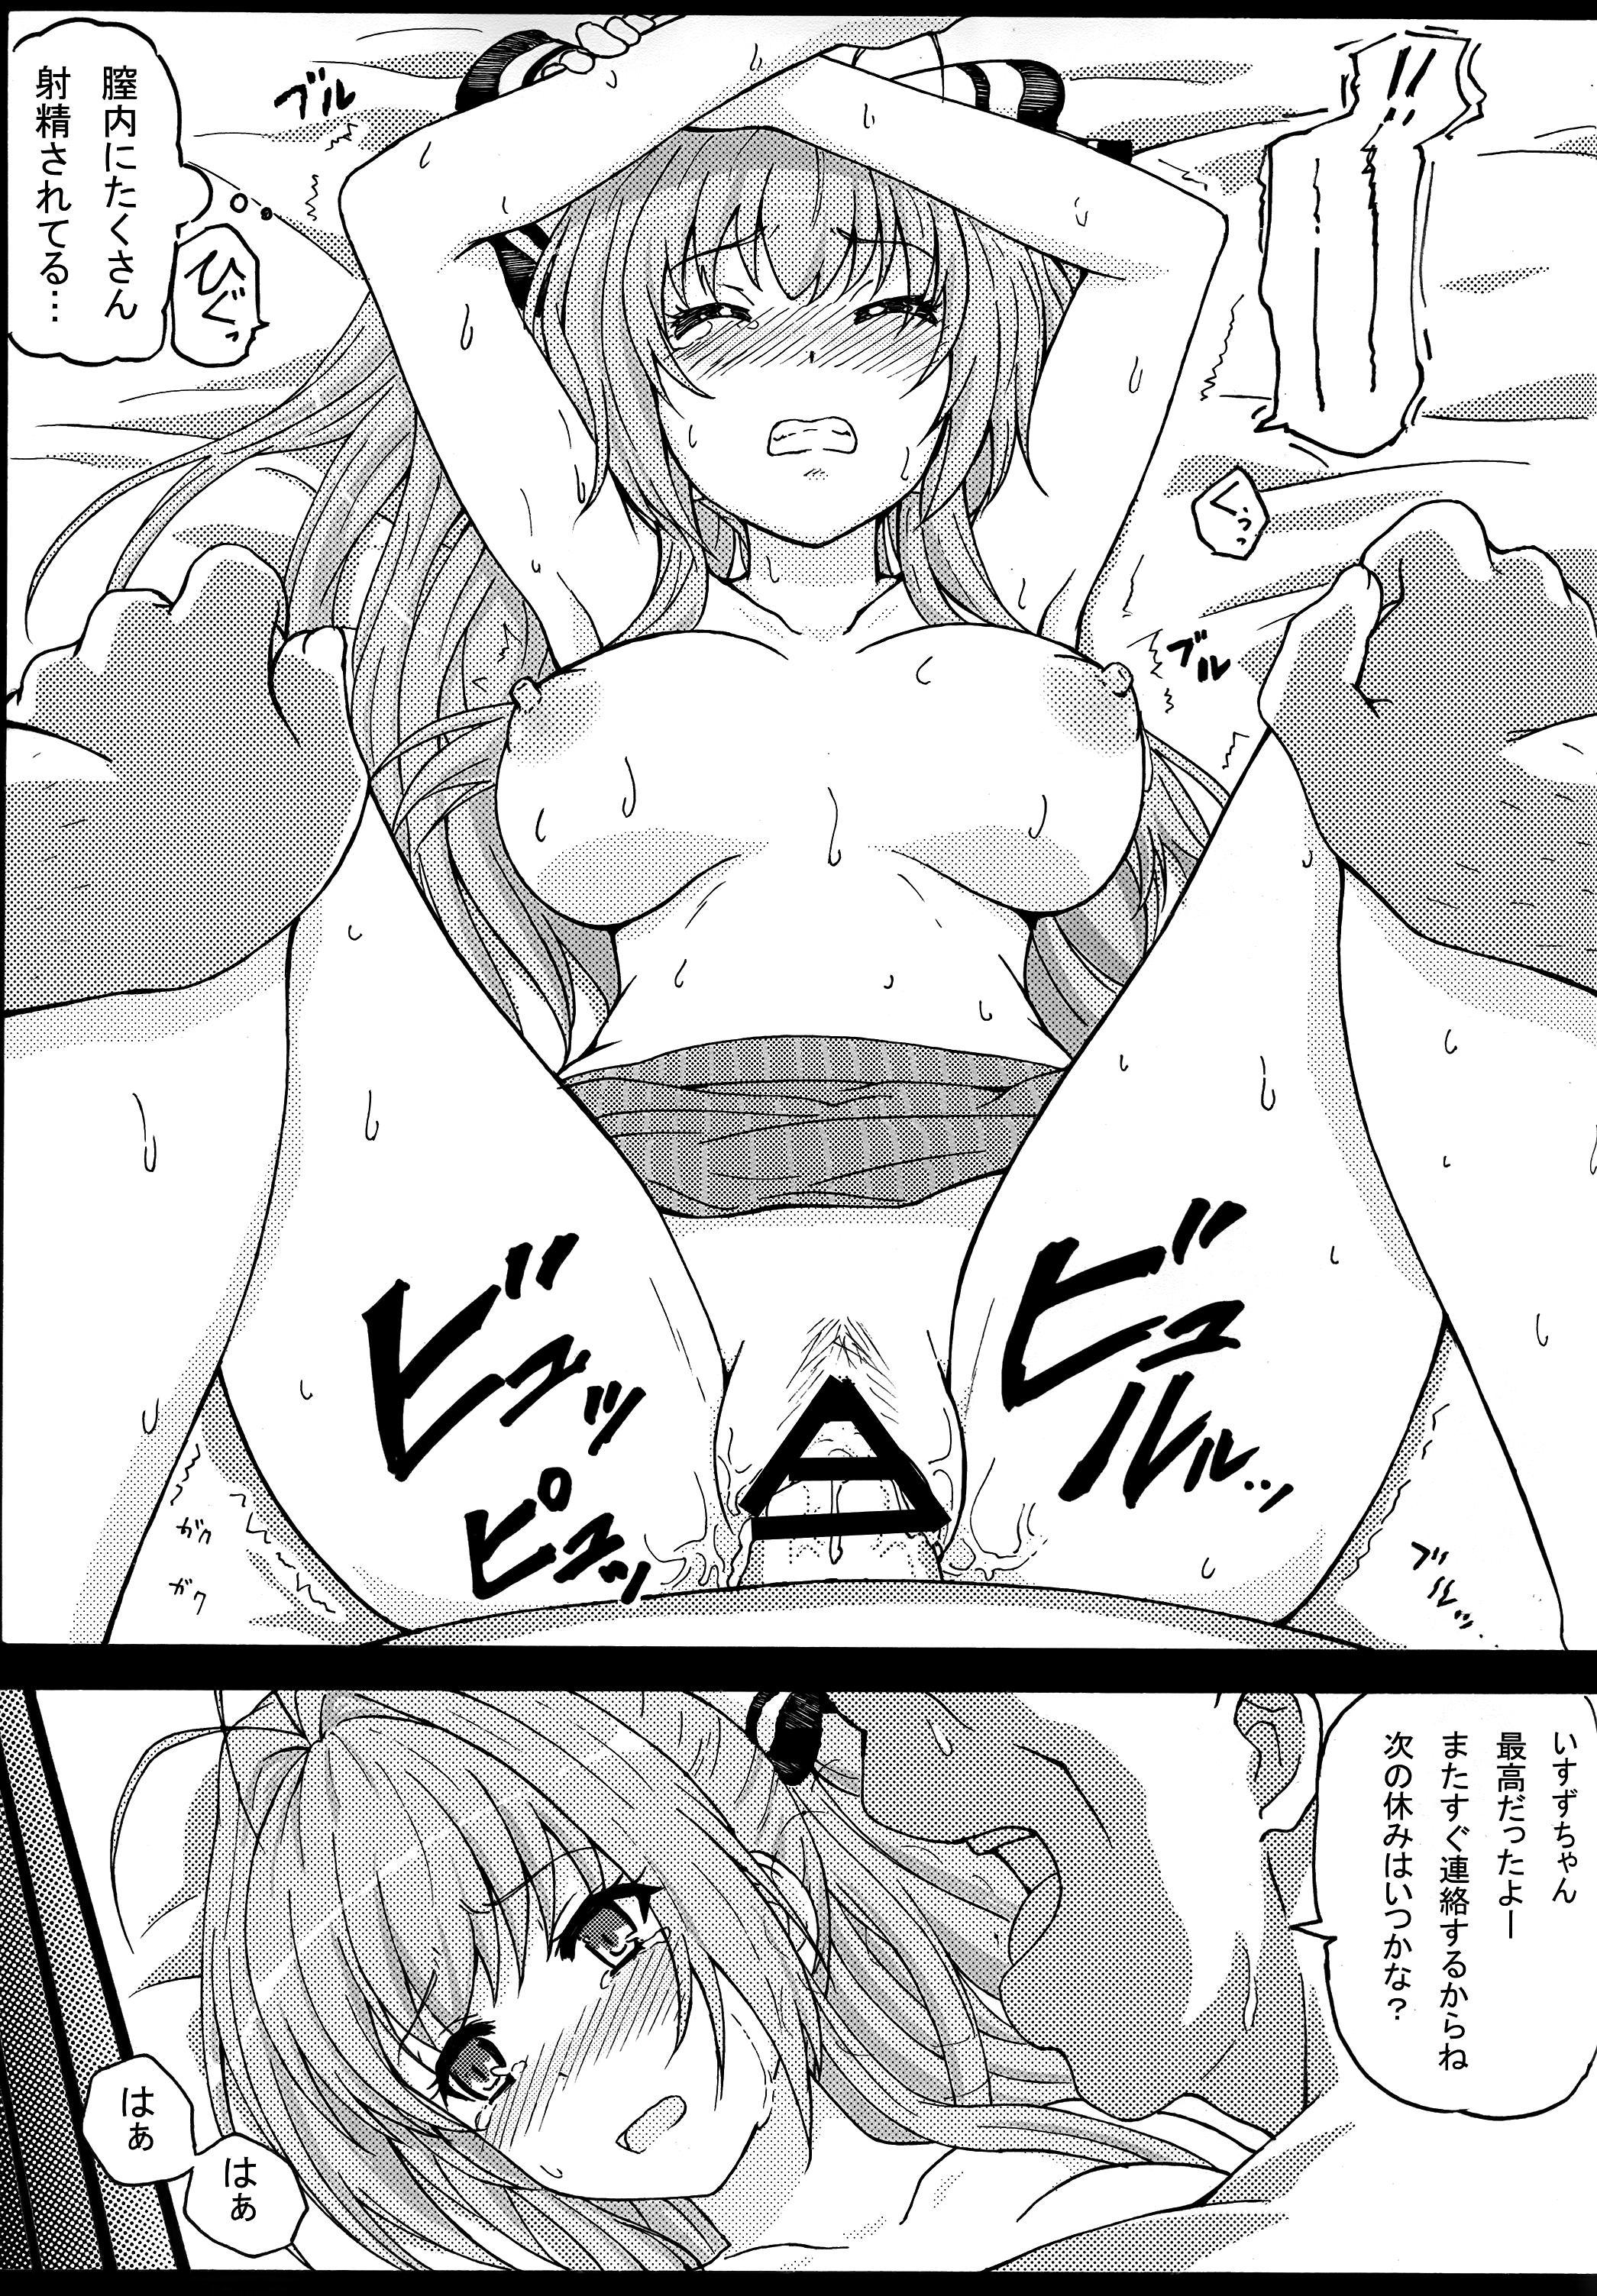 Sento Isuzu no Hyoujou ga Harenai Hontou no Riyuu 10